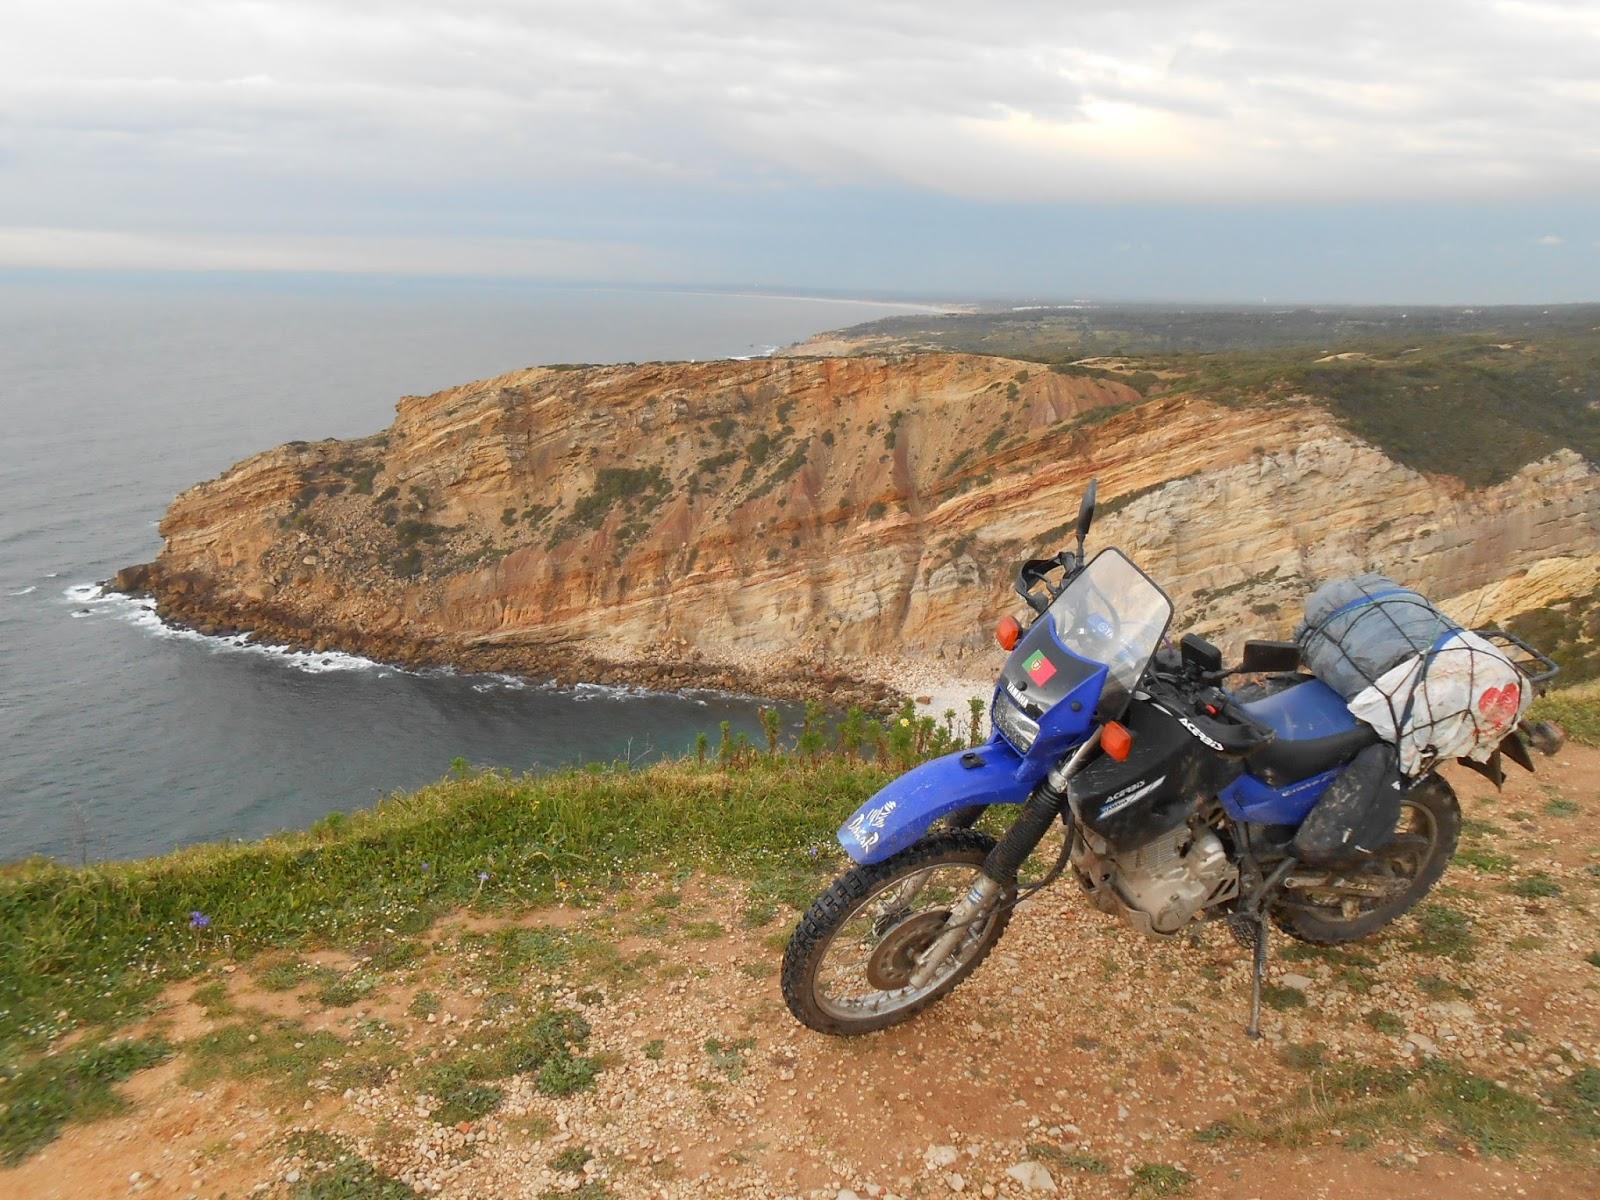 Rutas en moto por extremadura yamaha xt 600e portugal for Suelo besar el suelo xd